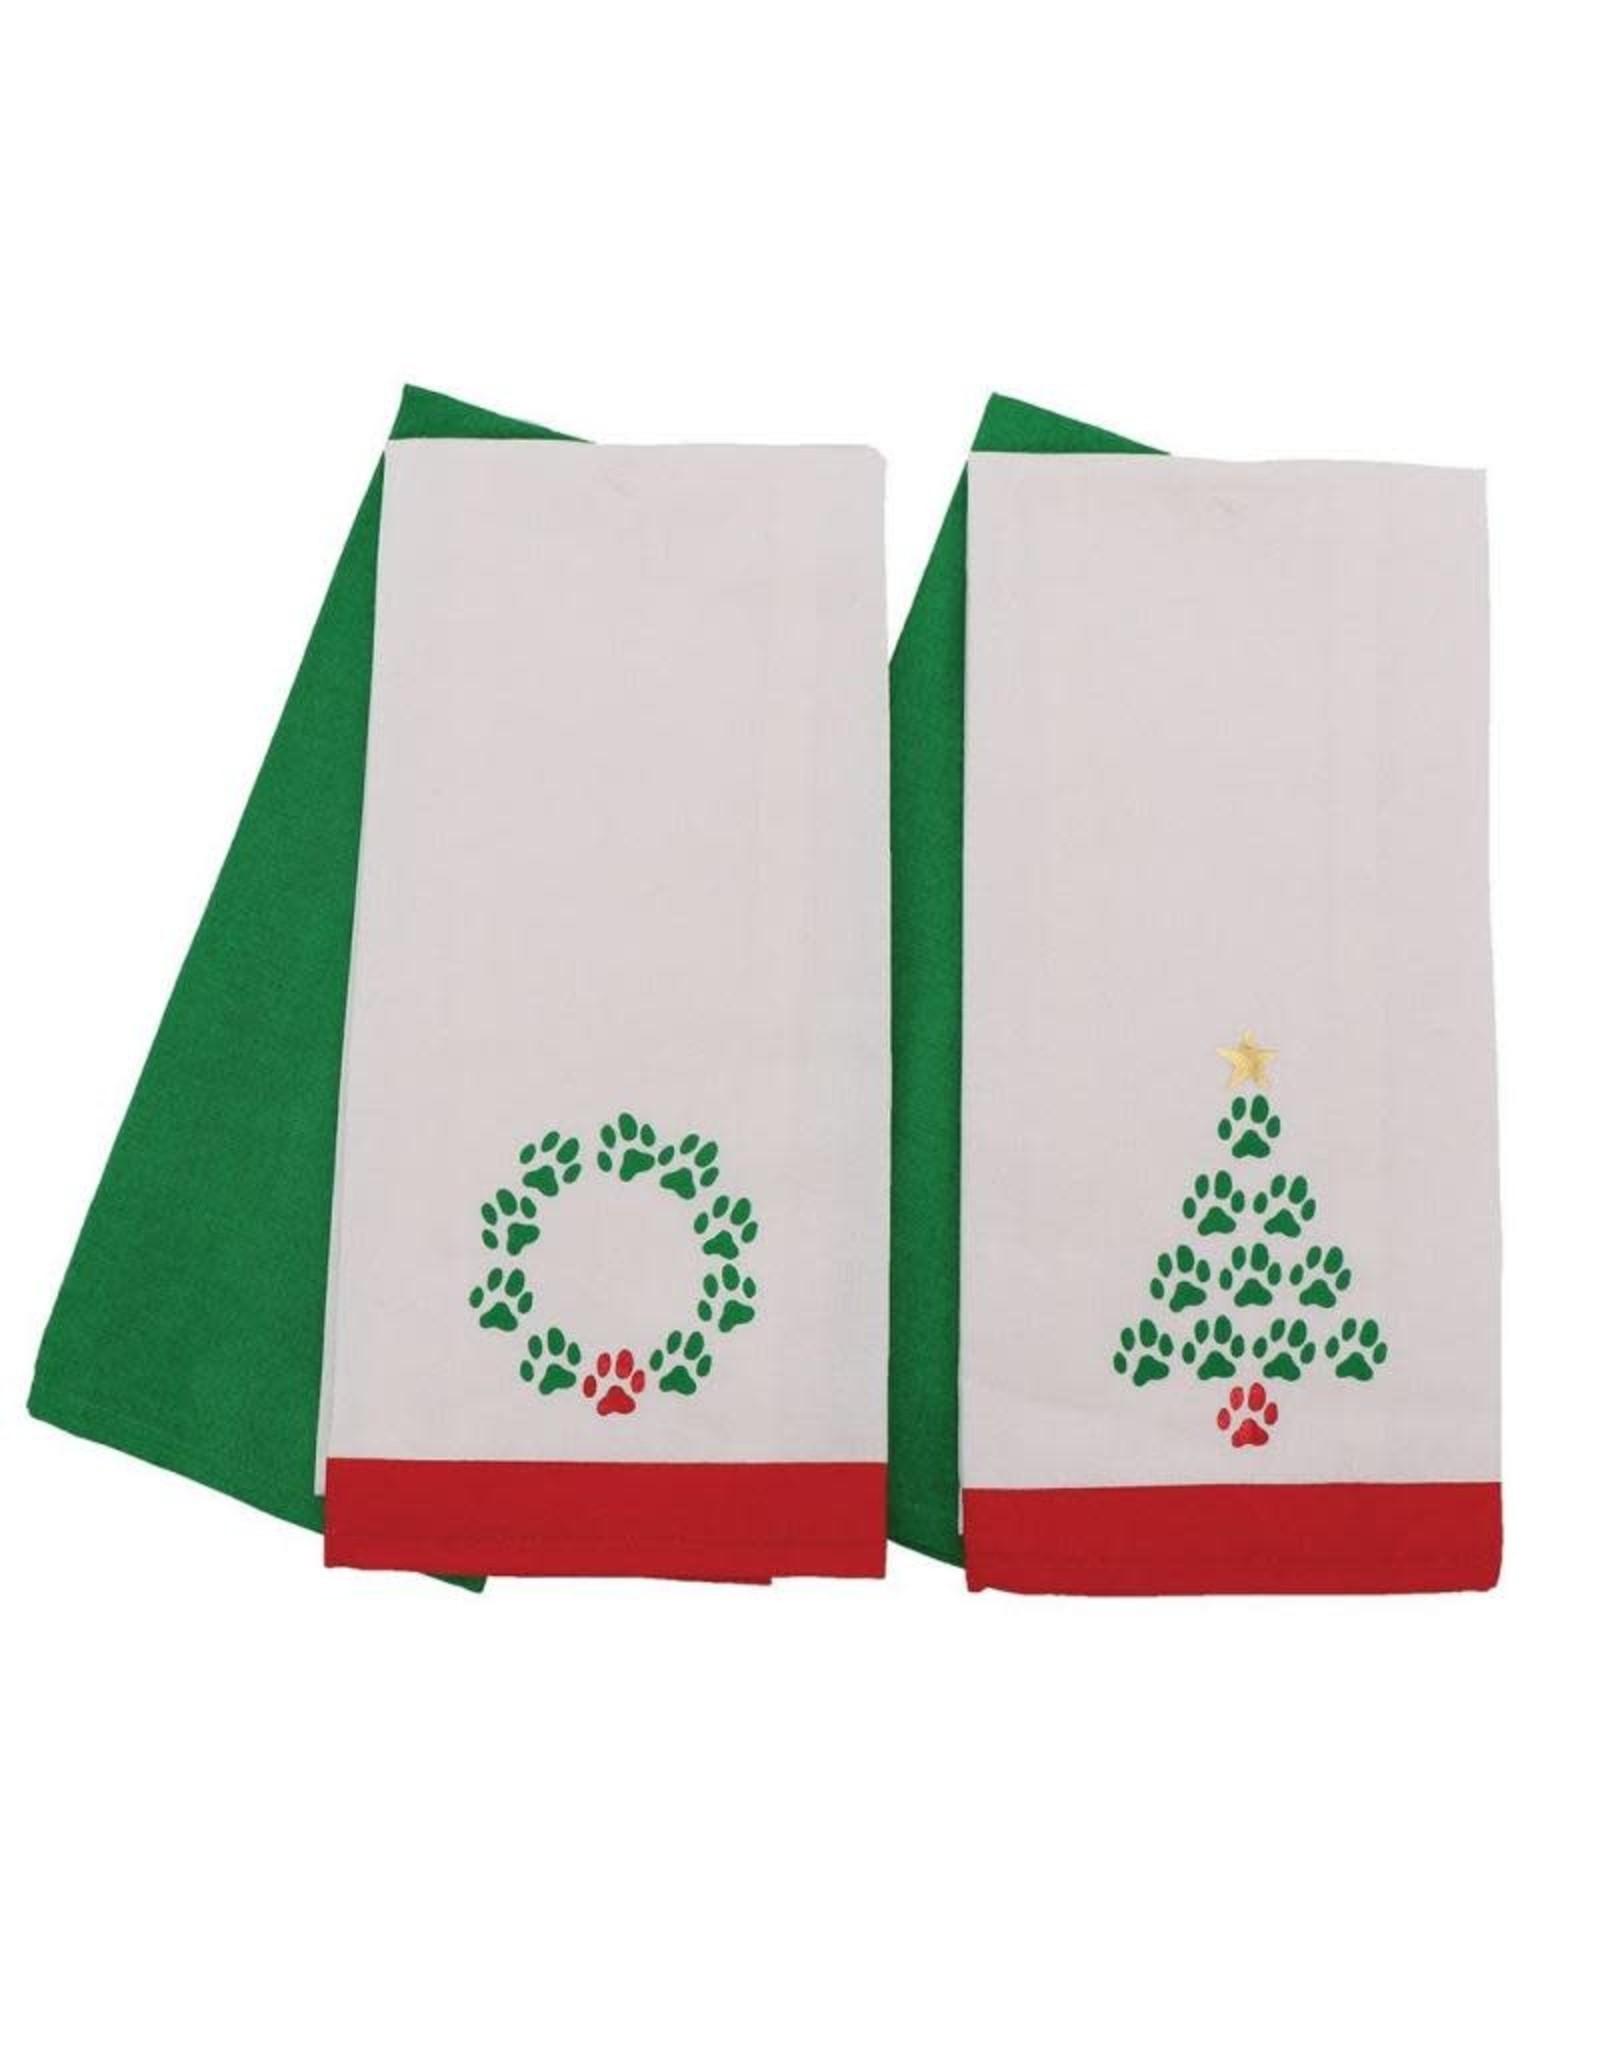 DEI Paw Print Dish Towels